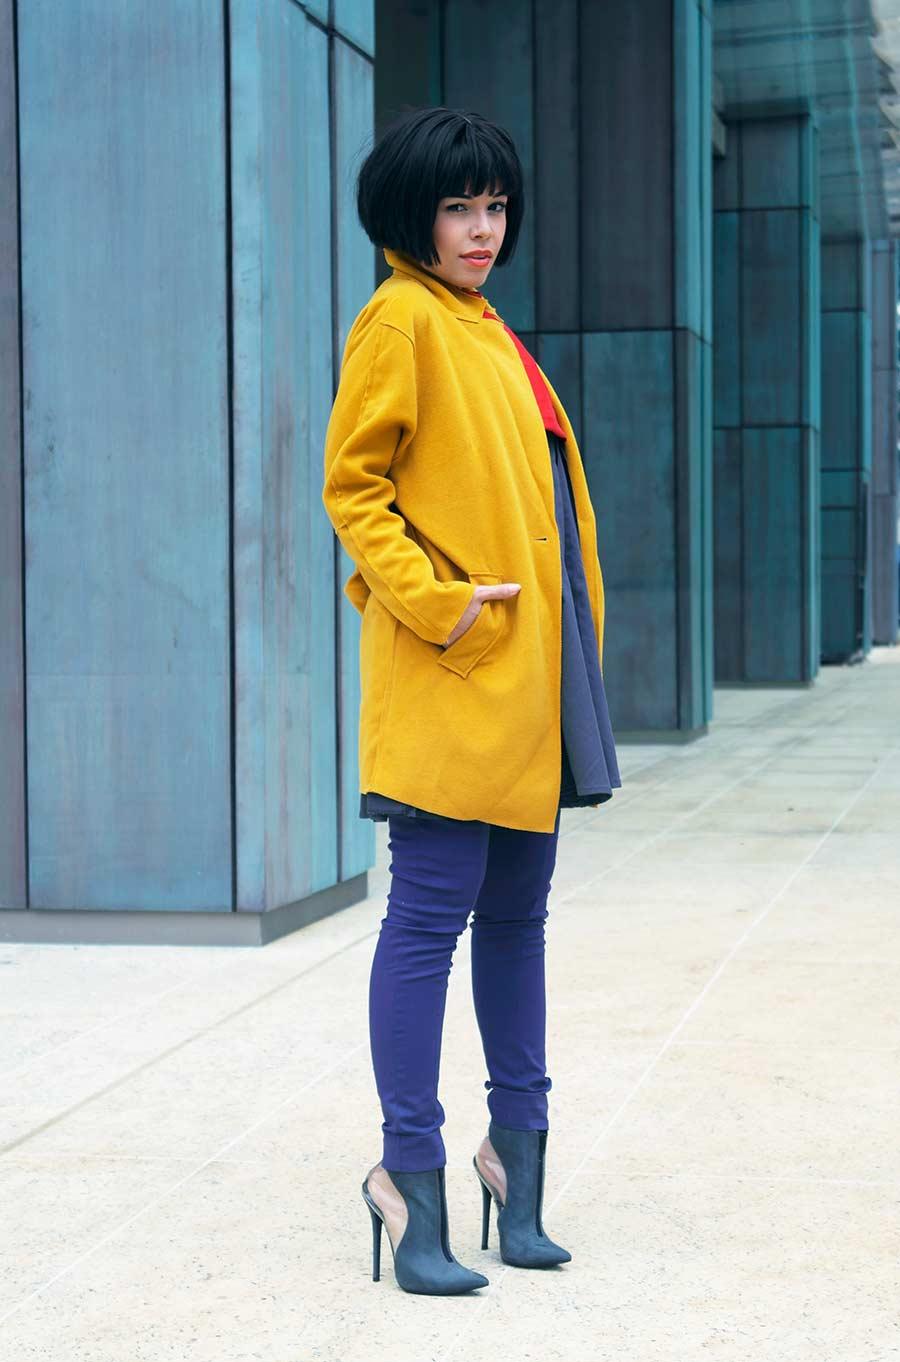 Мохеровая шапка Елизаветы ll стала главным трендом зимы 2013 новые фото